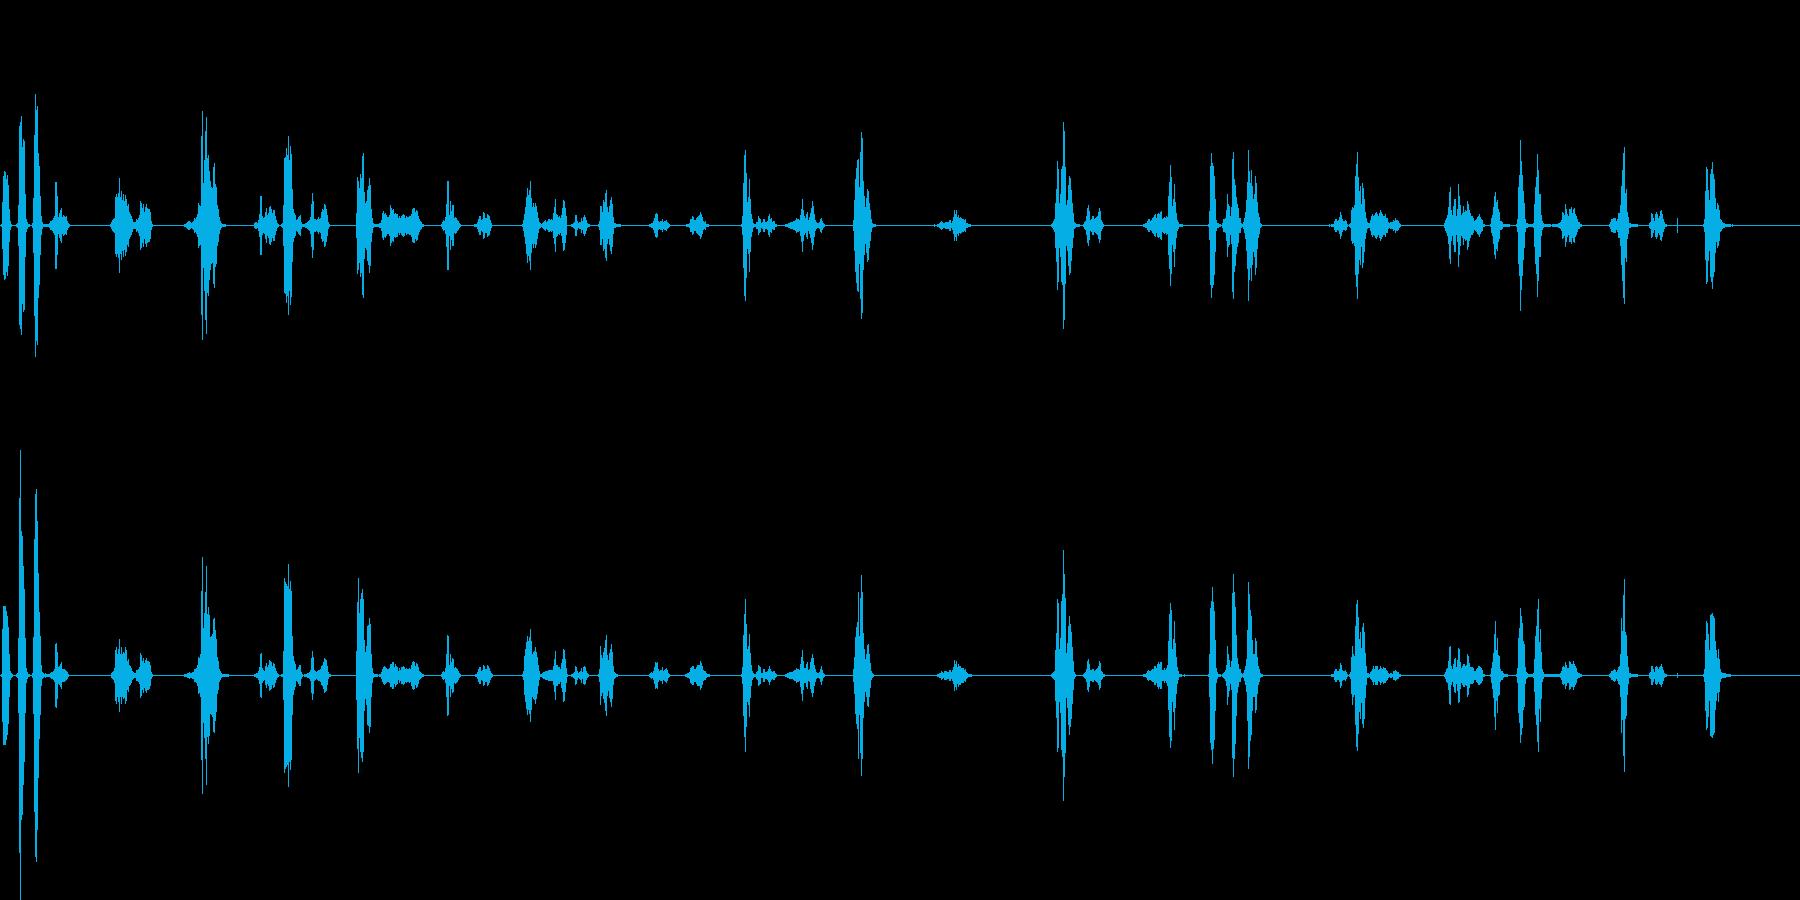 スズメの鳴き声(至近距離)の再生済みの波形